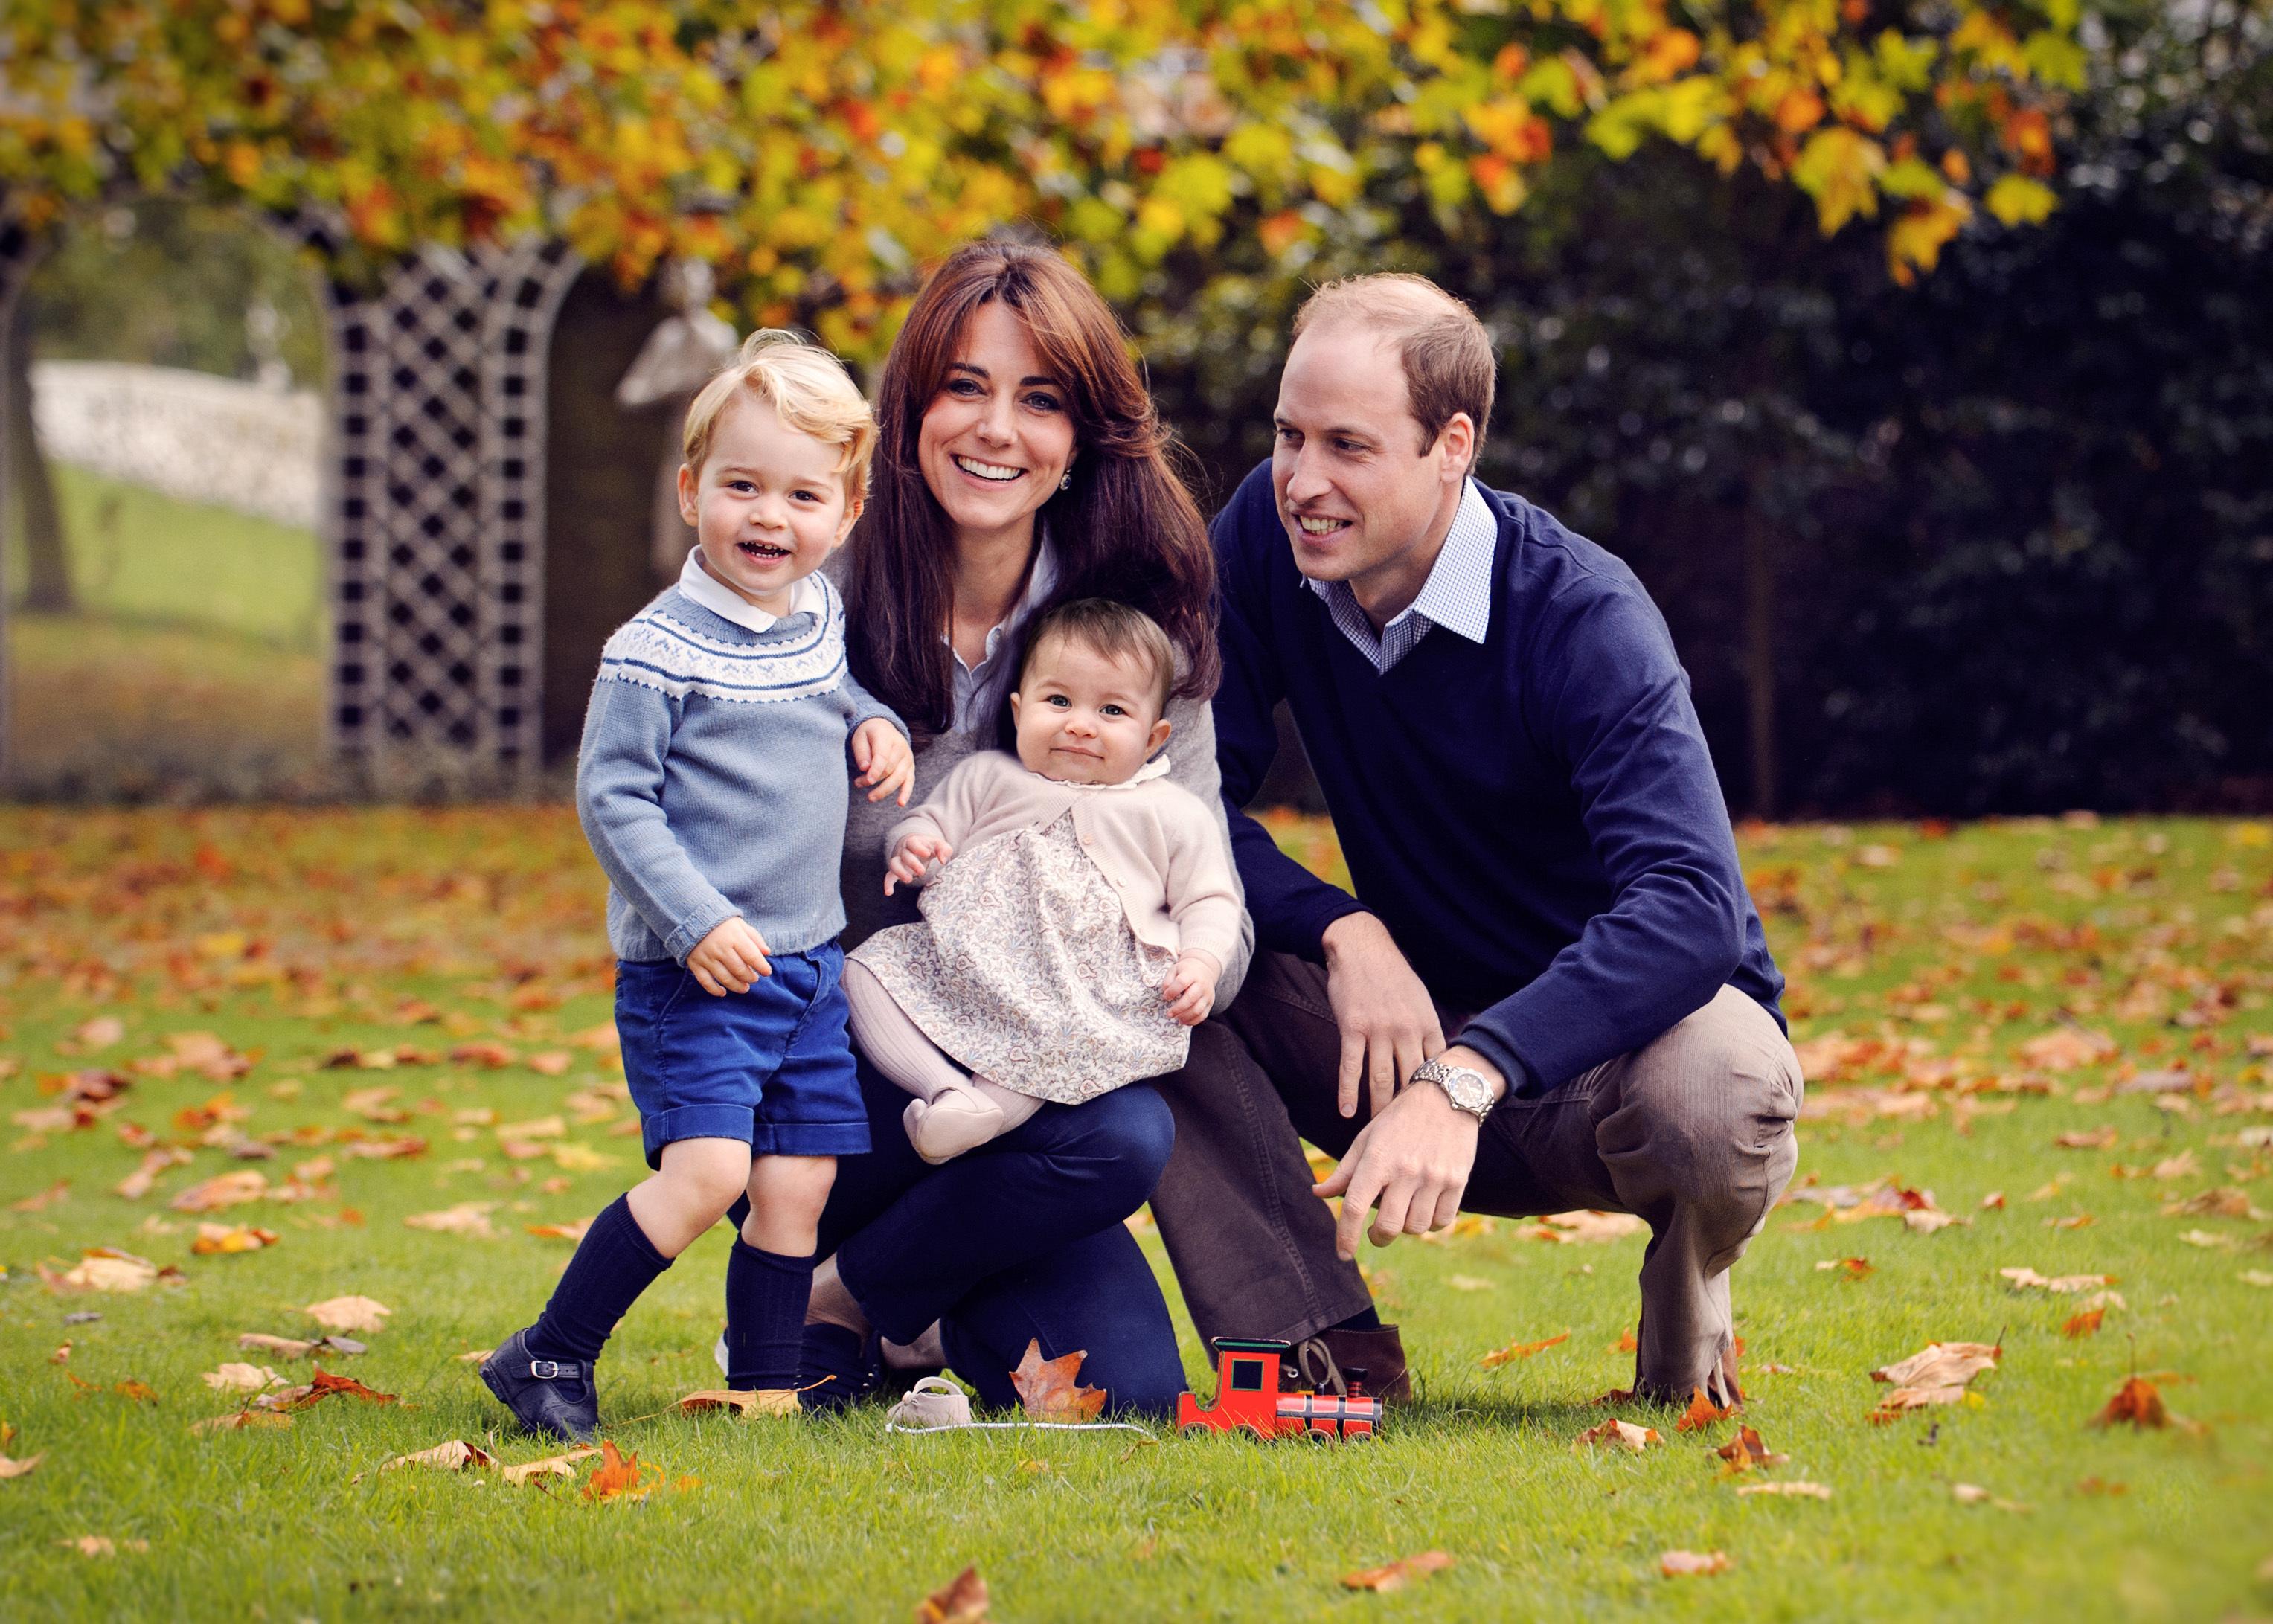 威廉王子一家四口于2015年12月18日摄于伦敦。(CHRIS JELF / AFP)